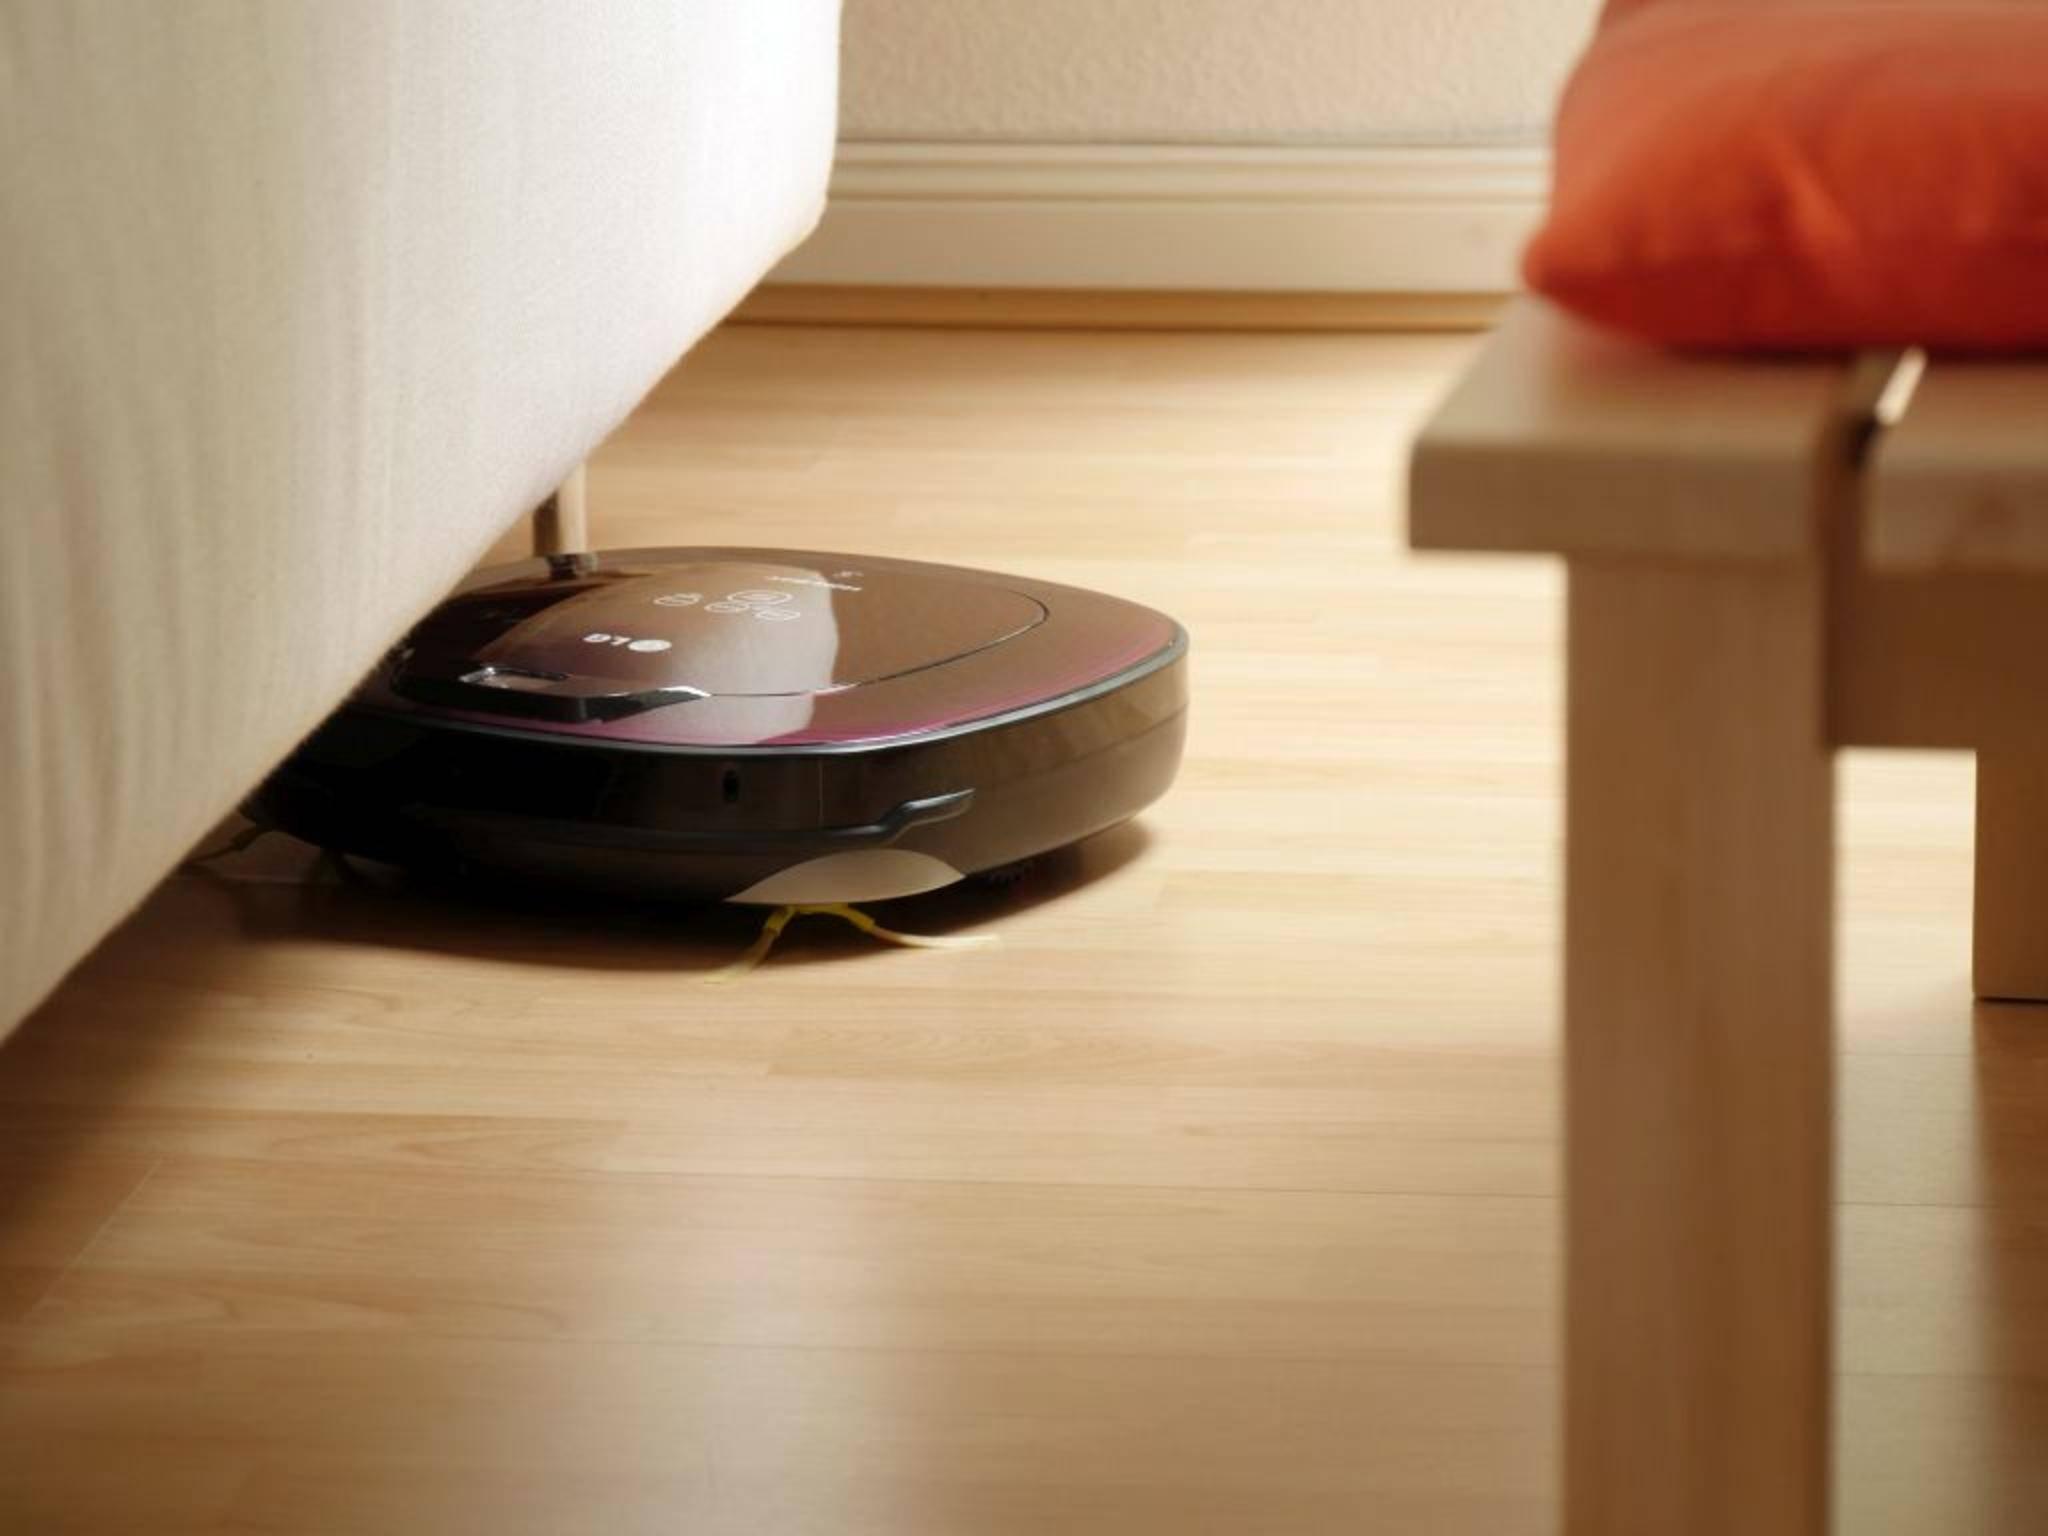 Macht sauber, während der Mensch die Füße hochlegt: der LG HomBot Square Pet Care.